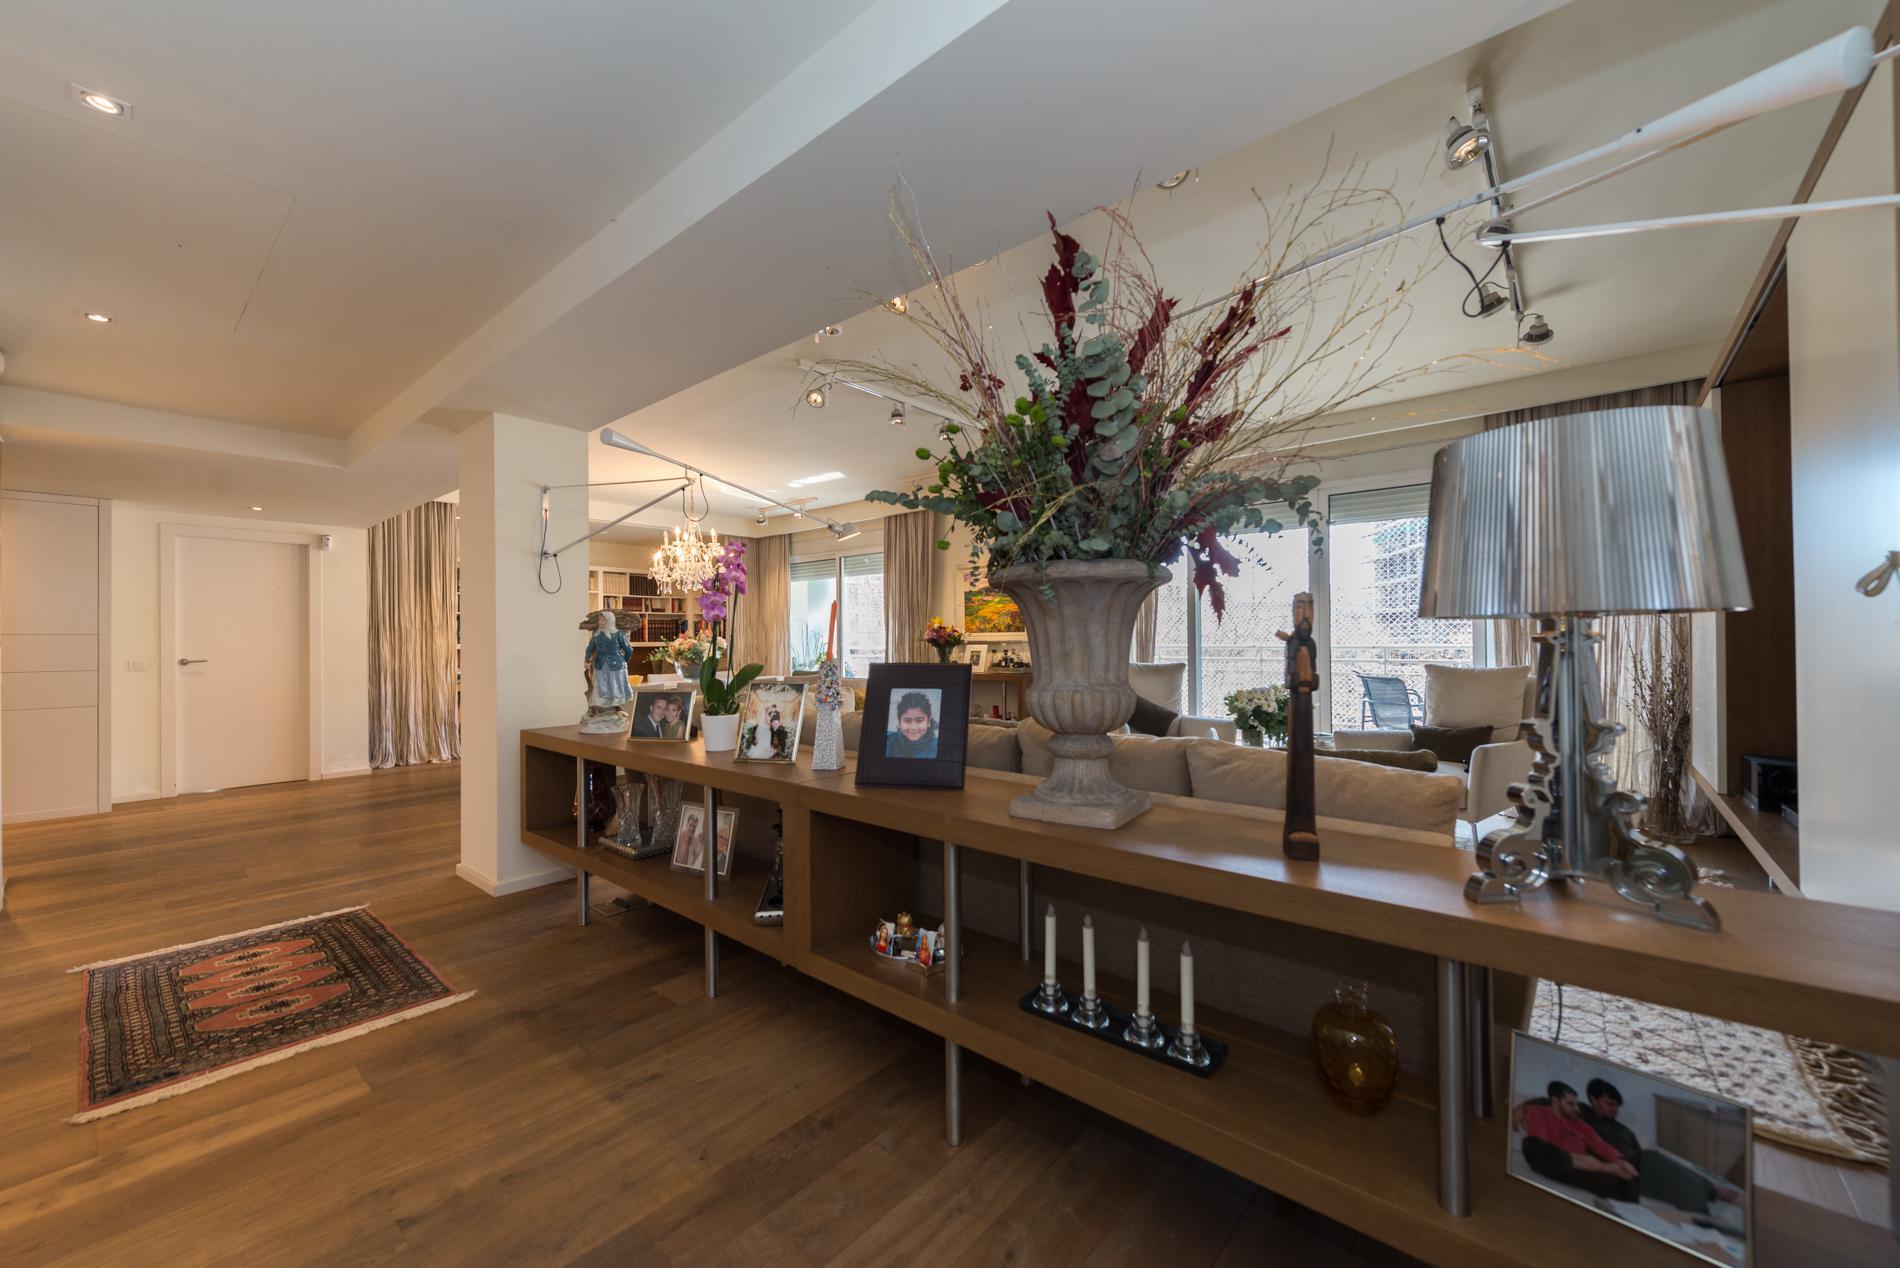 222426 Apartment for sale in Eixample, Dreta Eixample 5